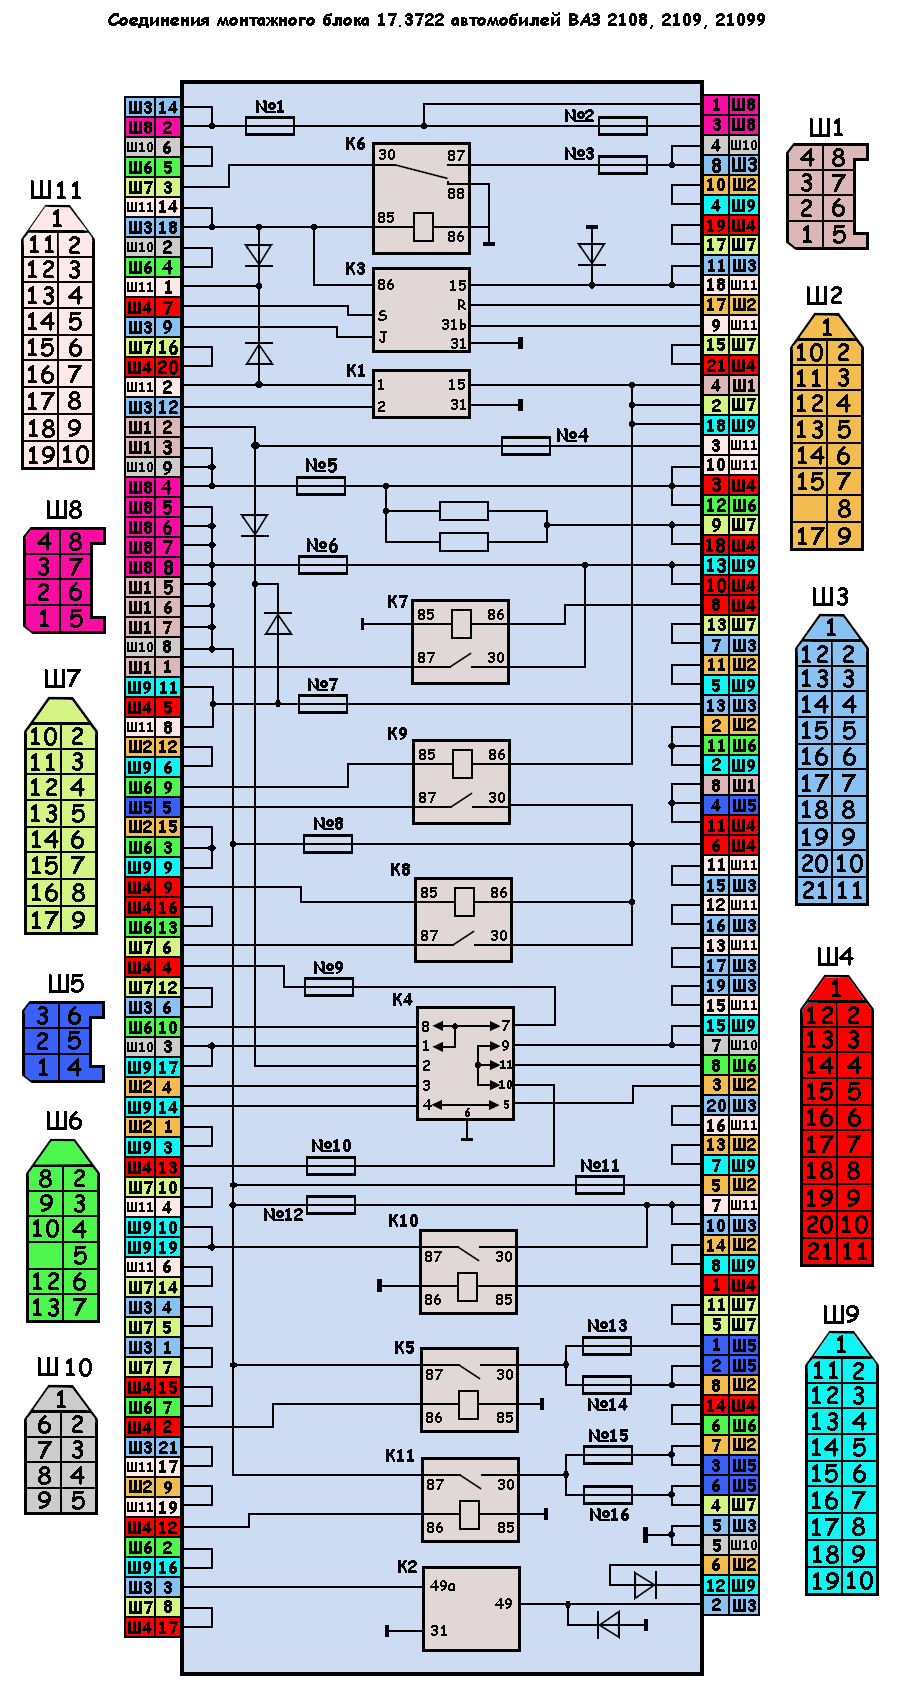 коммутация реле и предохранителей монтажного блока 17.3701 ВАЗ 2108, 2109, 21099